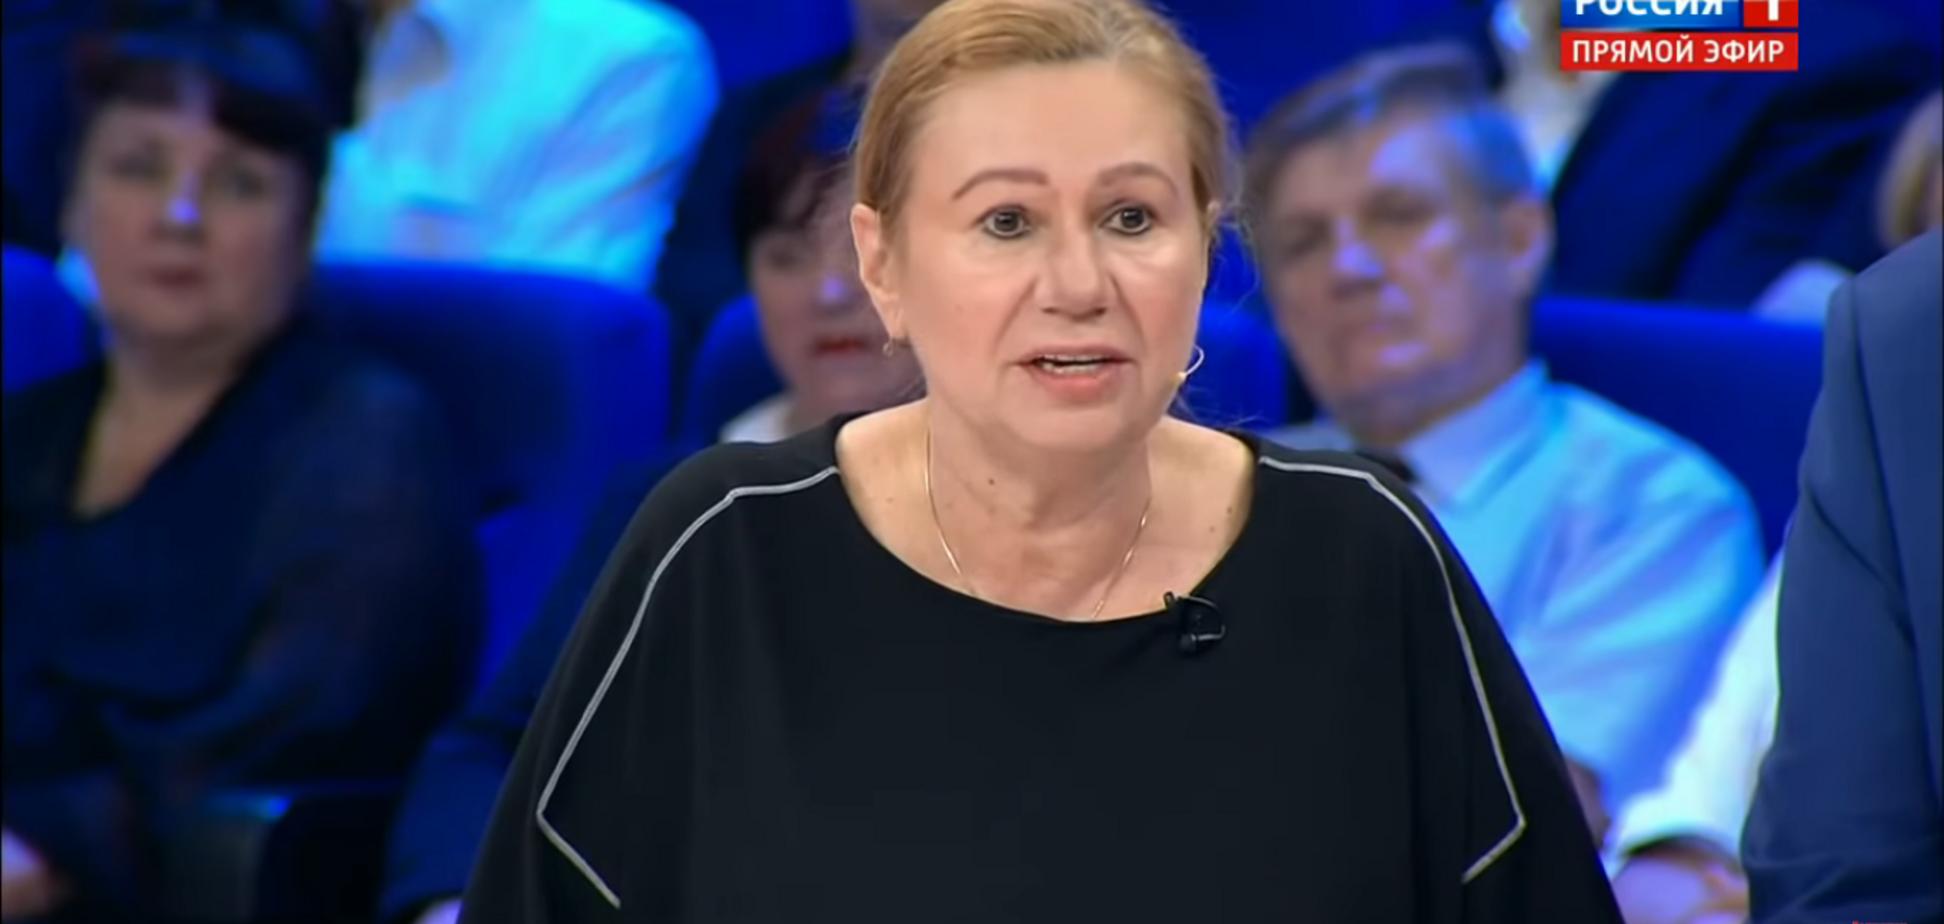 'Бабин Яр - конкурс голих, а концтабір - солярій': мати Бережної шокувала на росТВ заявами про Україну